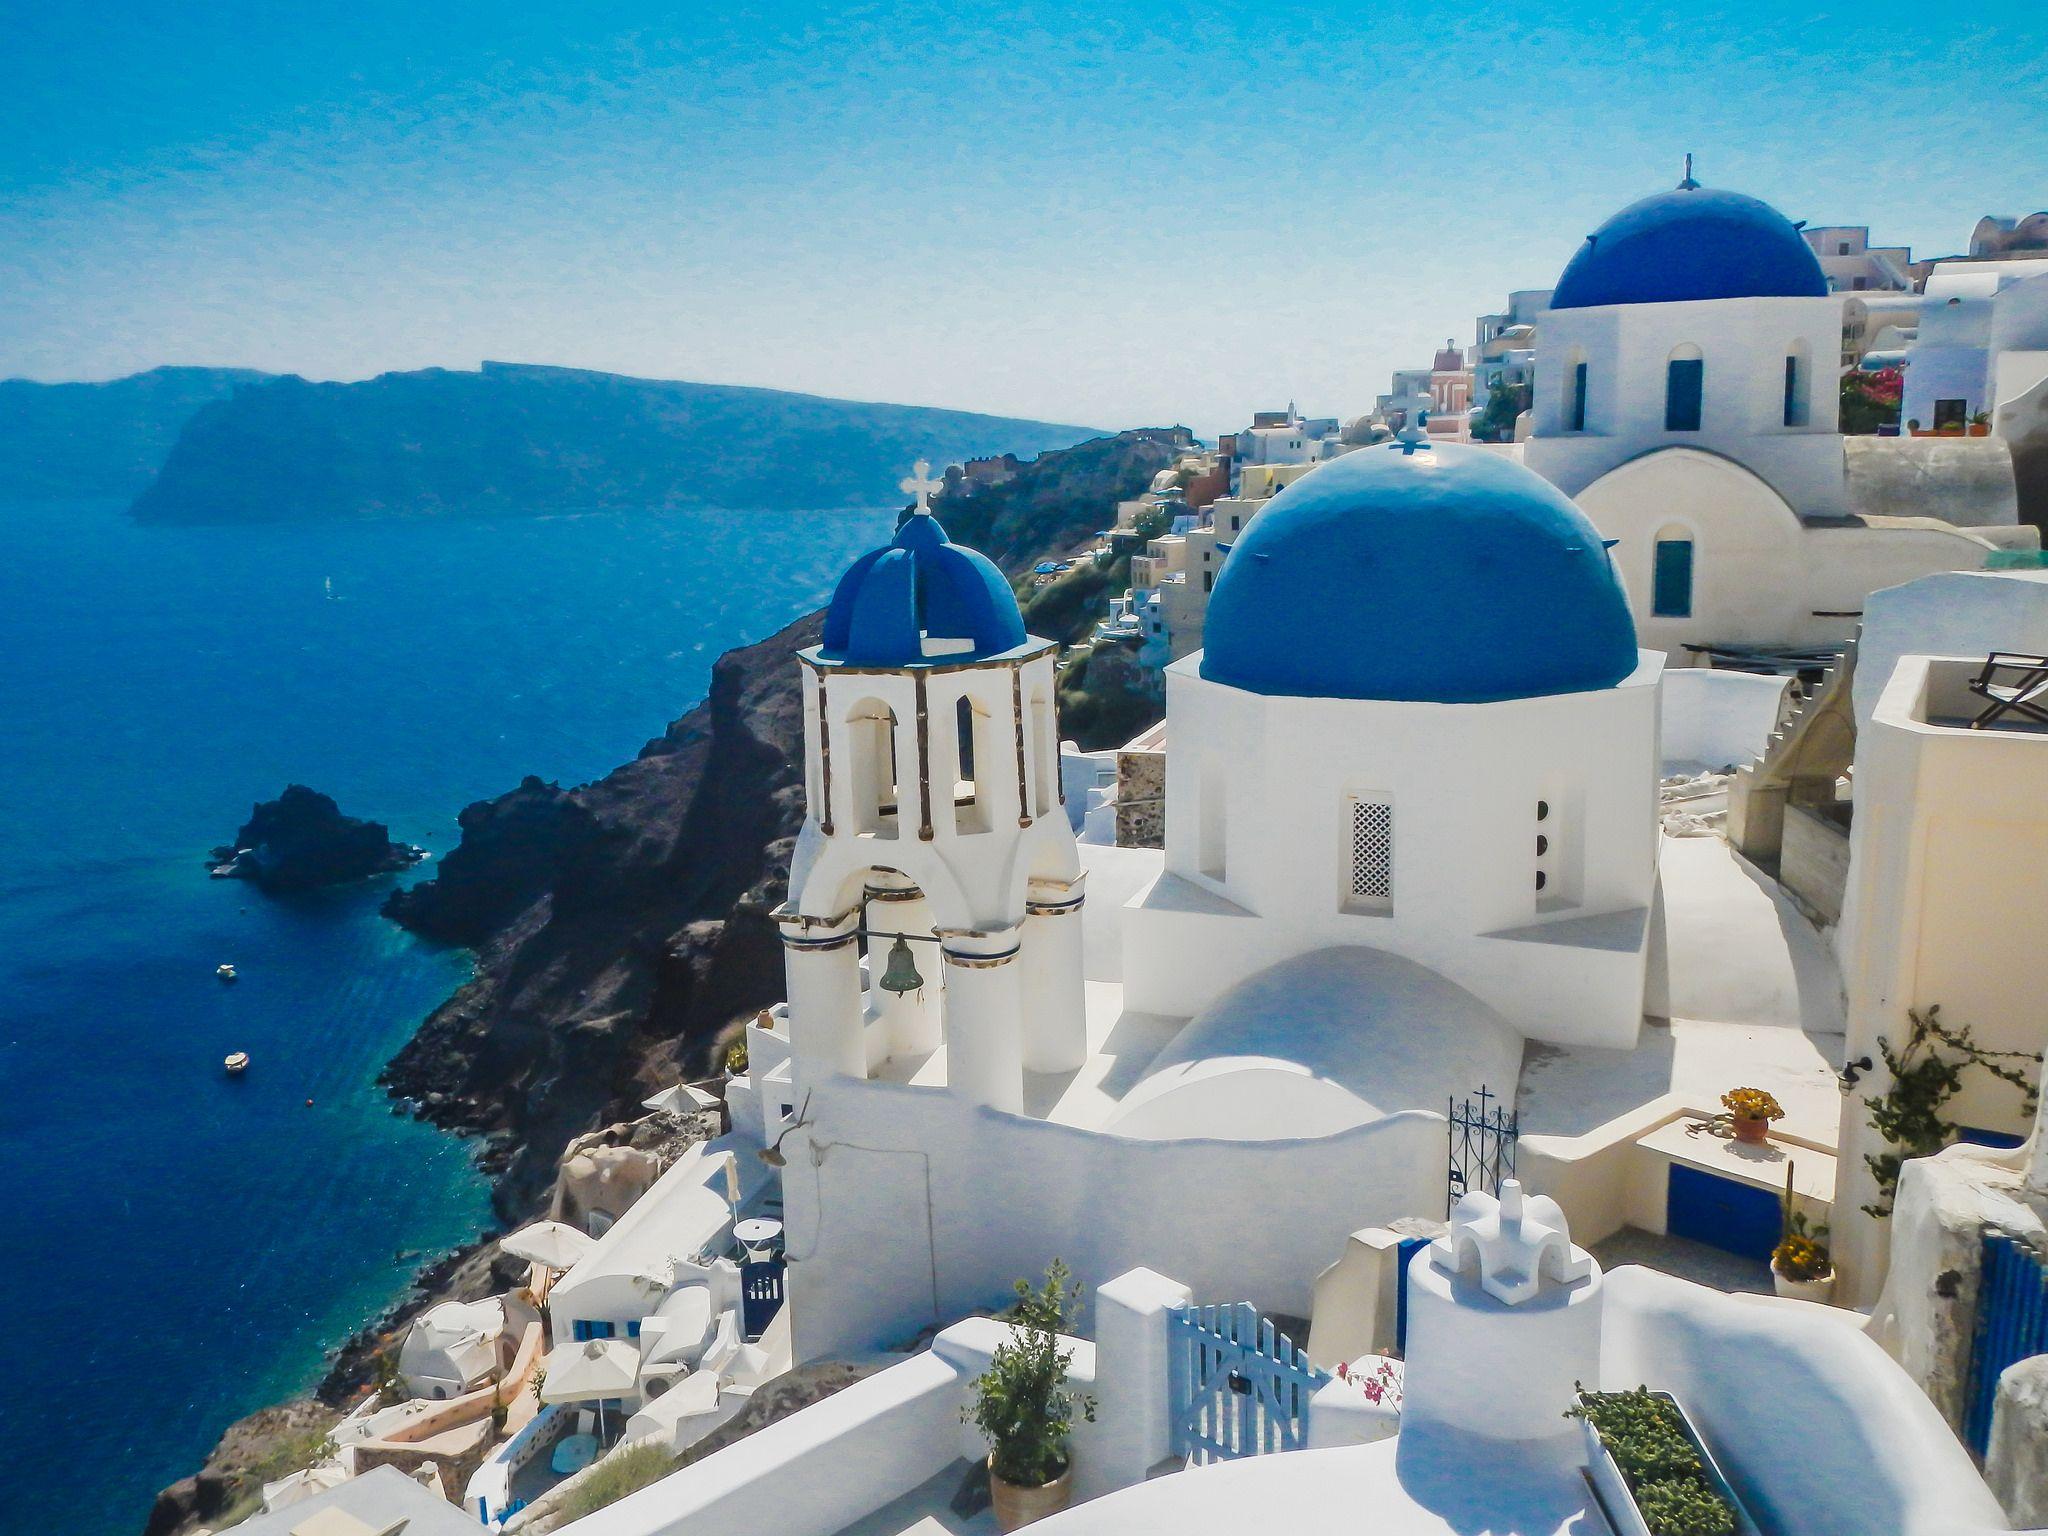 Dscn7638 38 Santorini Fotos Vacaciones En Grecia Y Sitios Para